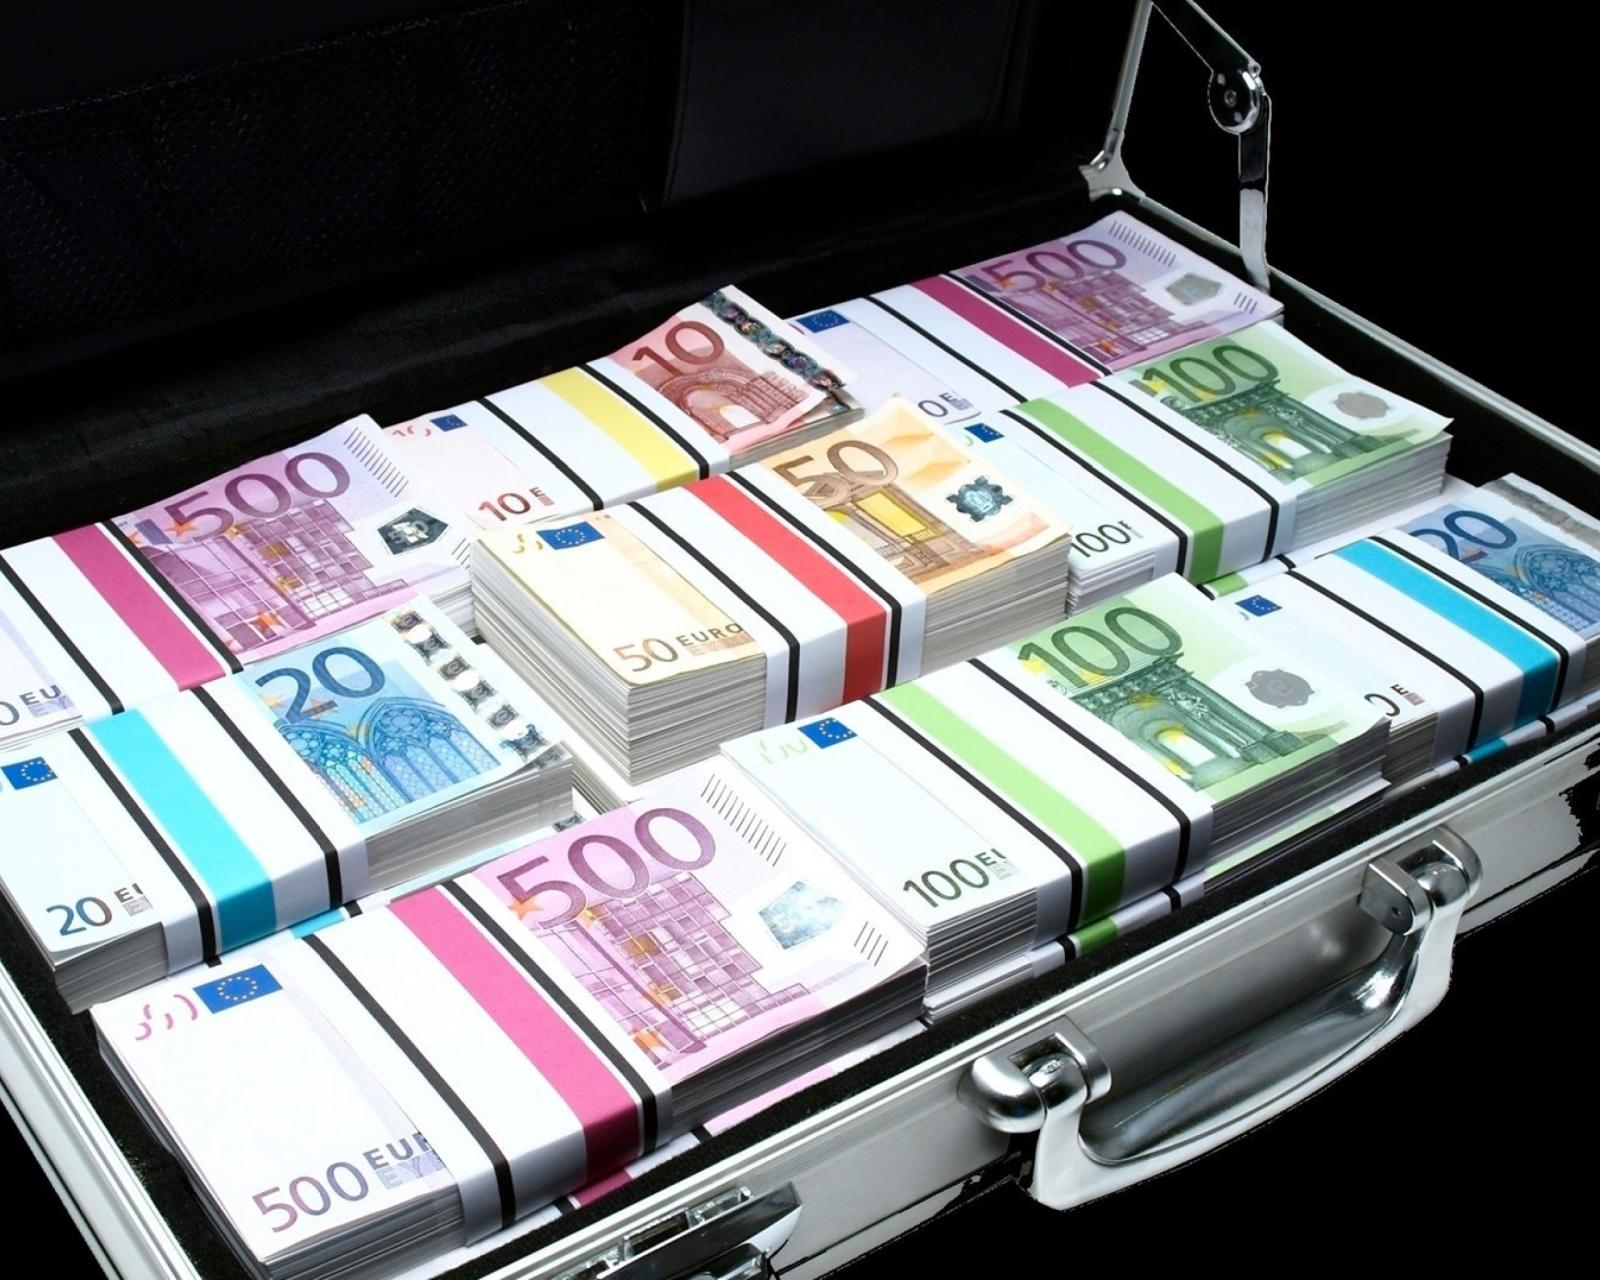 кейс для аккаунта займы под залог